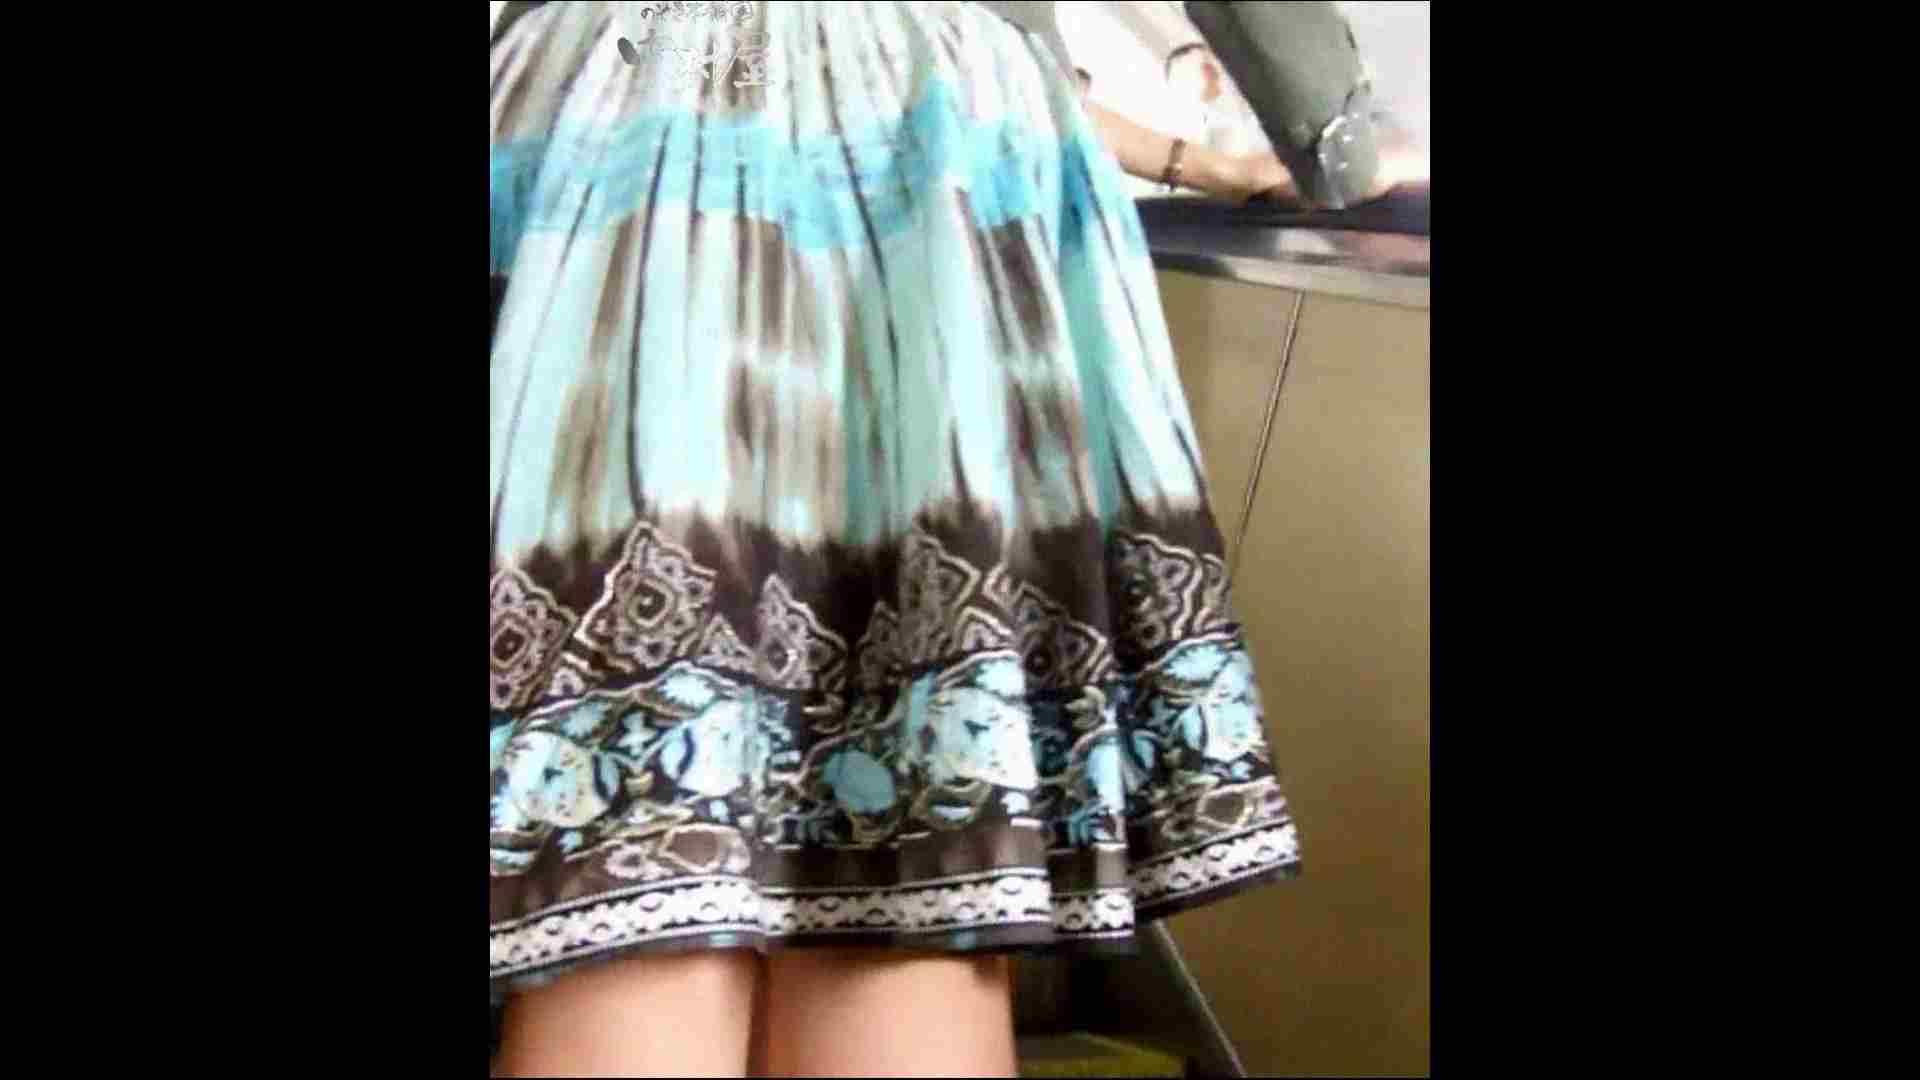 綺麗なモデルさんのスカート捲っちゃおう‼ vol20 お姉さんのエロ動画  83PIX 44